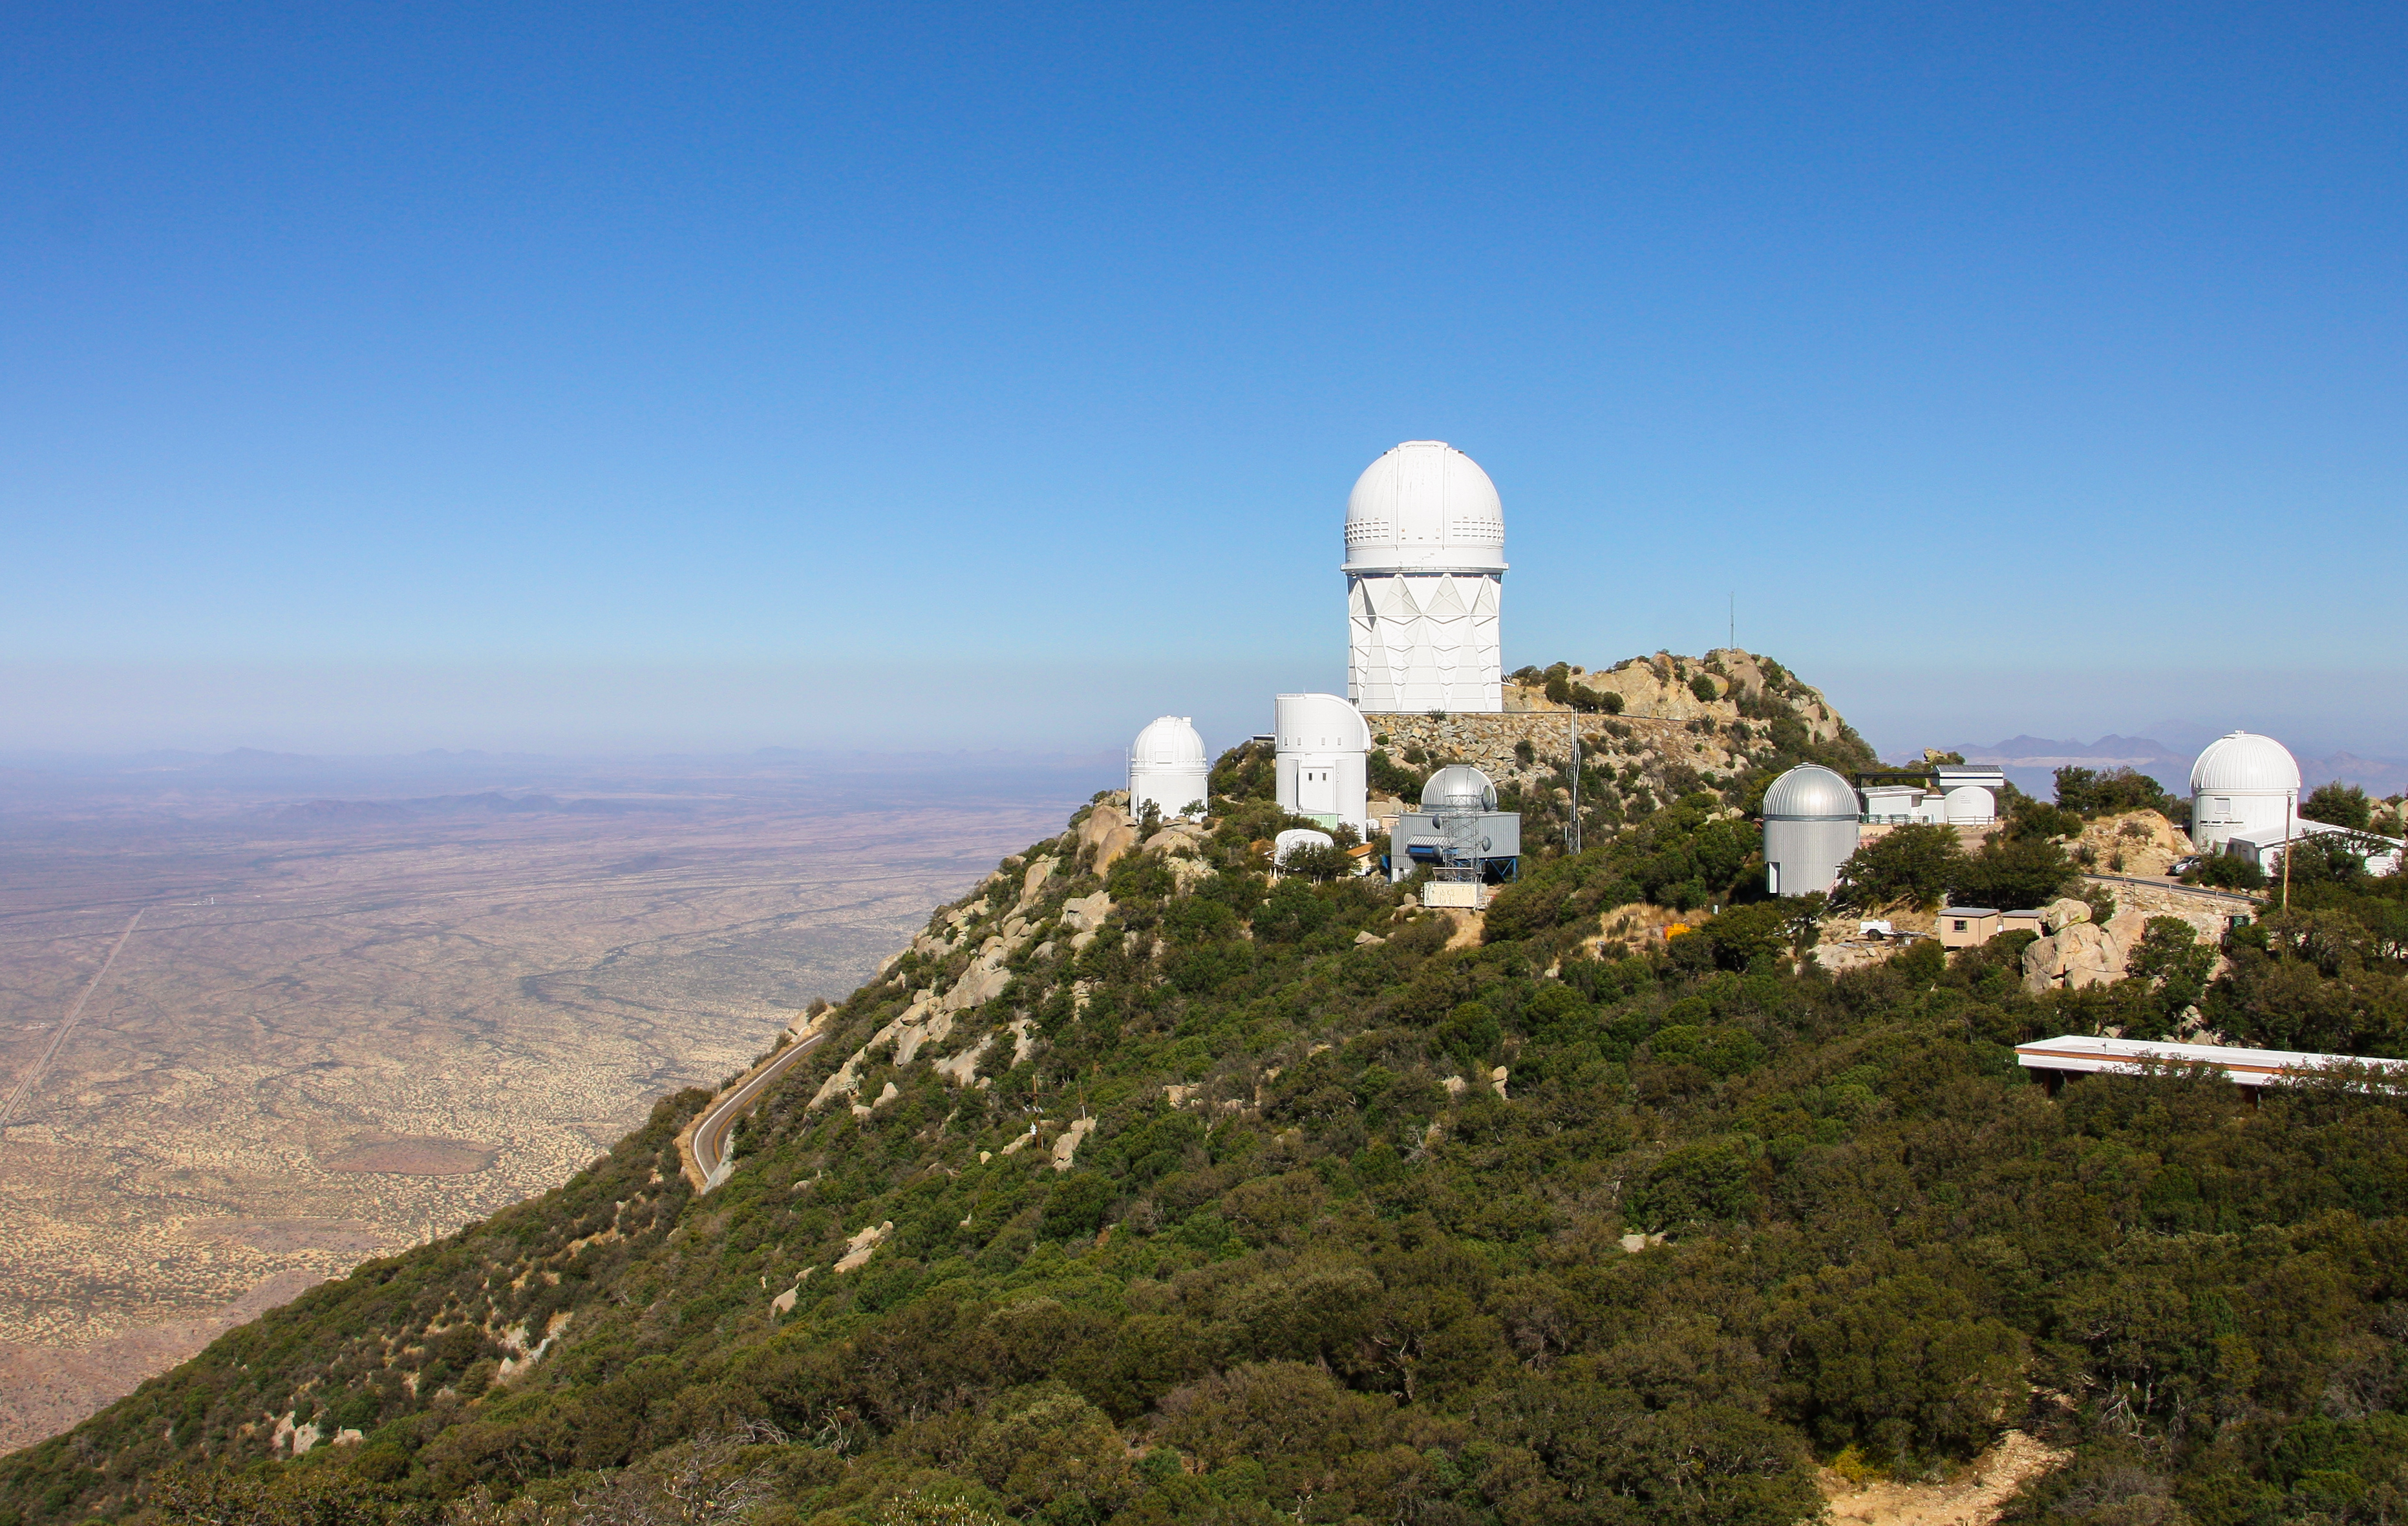 File:Kitt Peak National Observatory (1) - Flickr - Joe Parks.jpg -  Wikimedia Commons